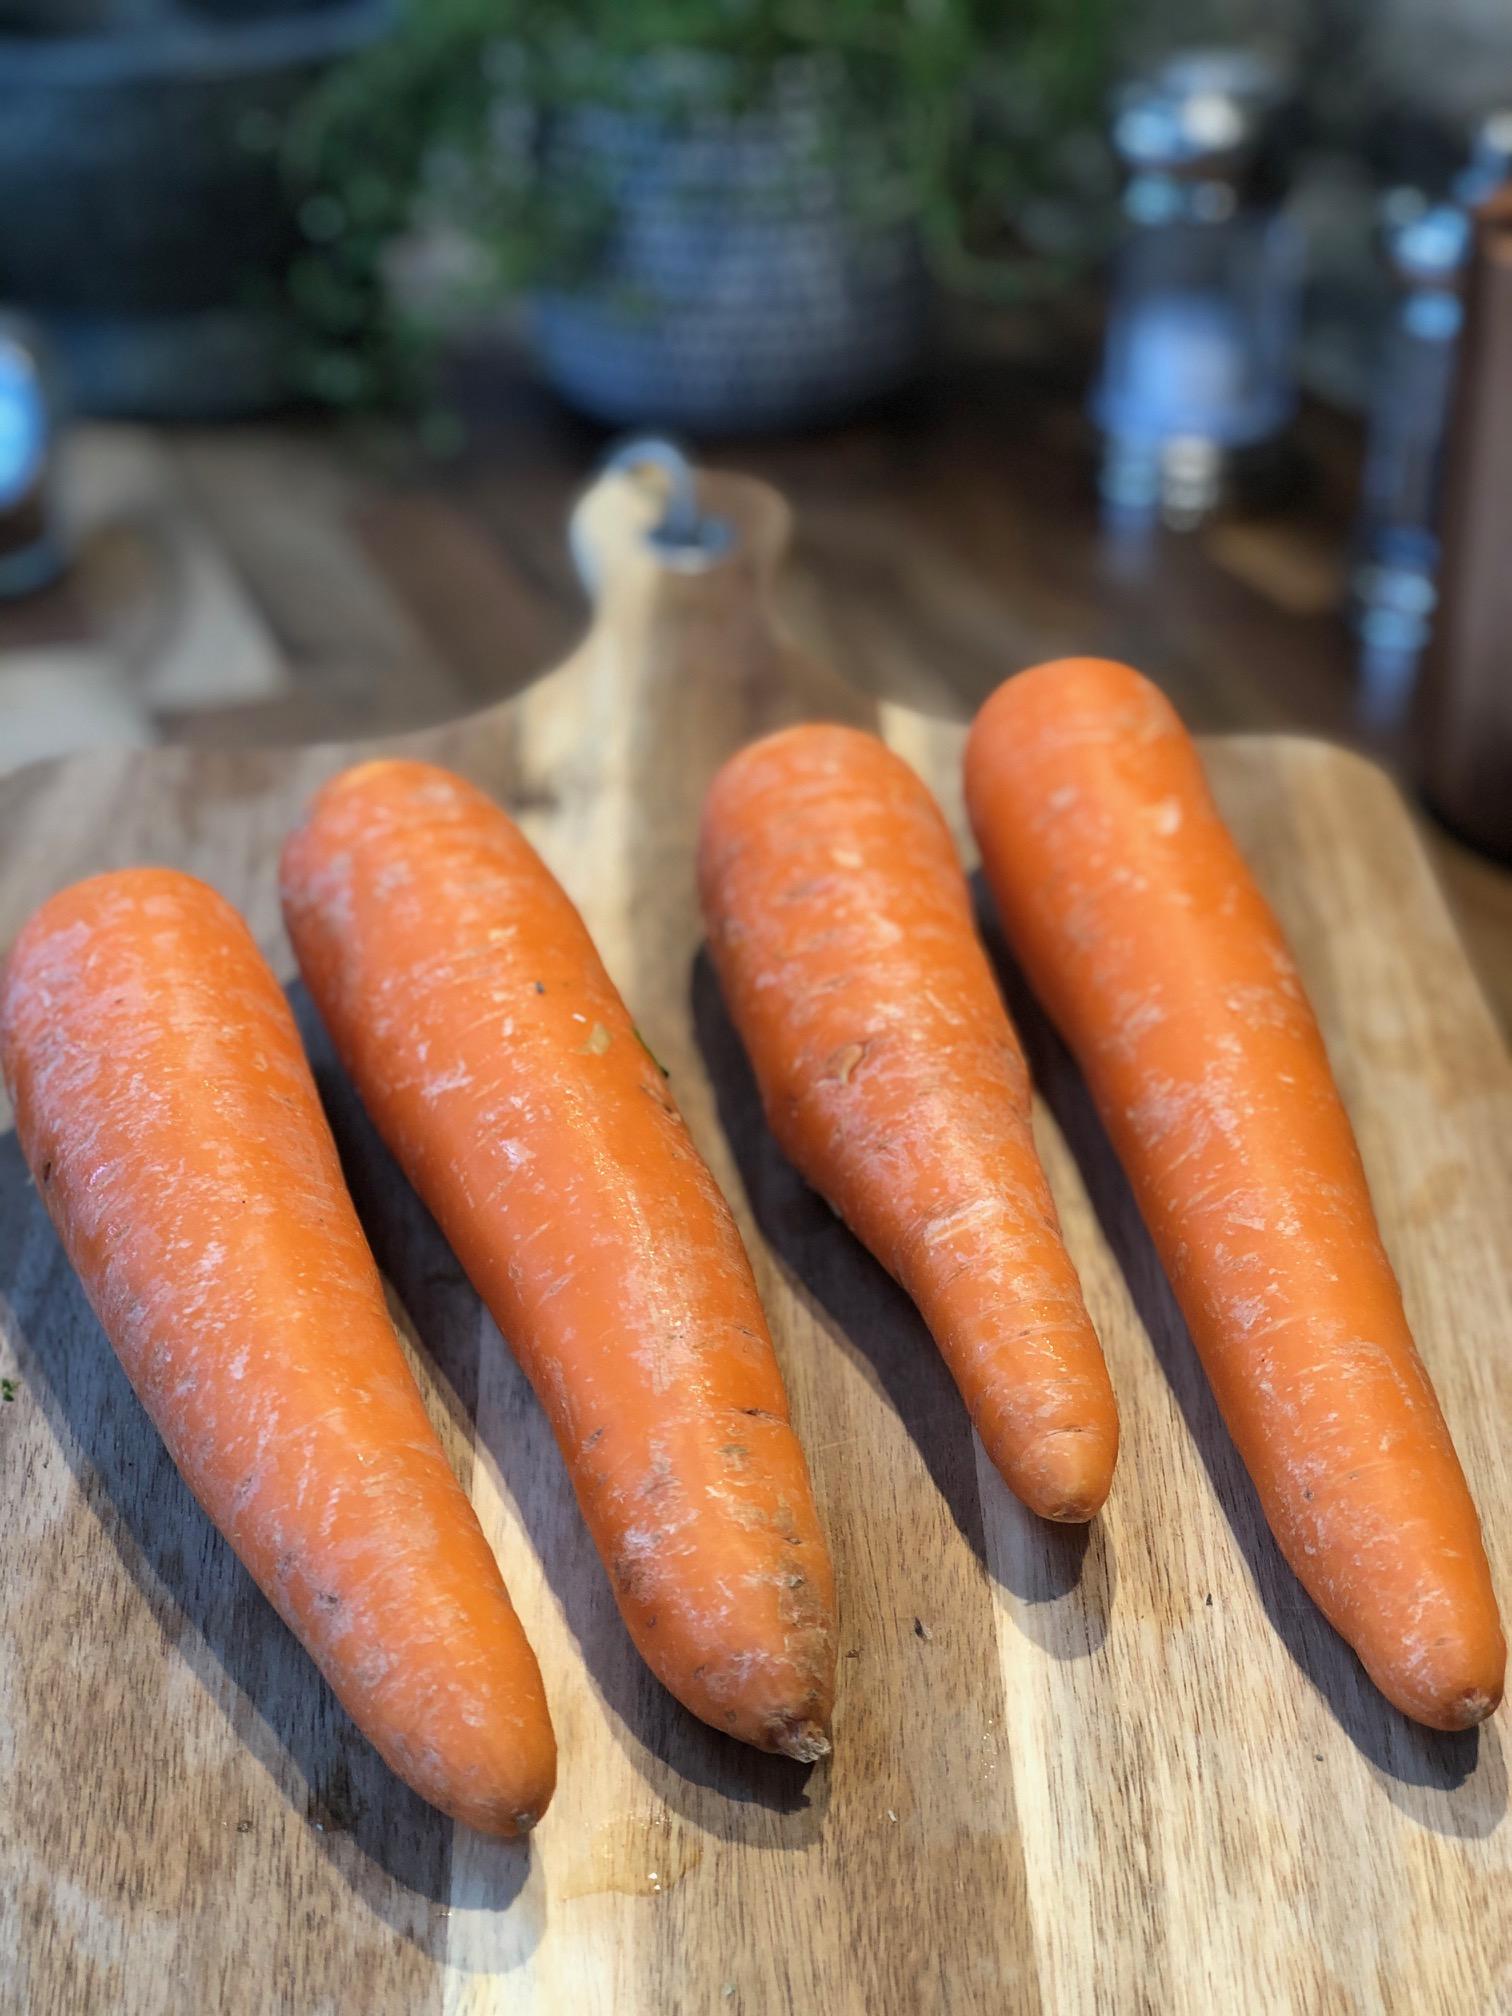 Veg - Carrots